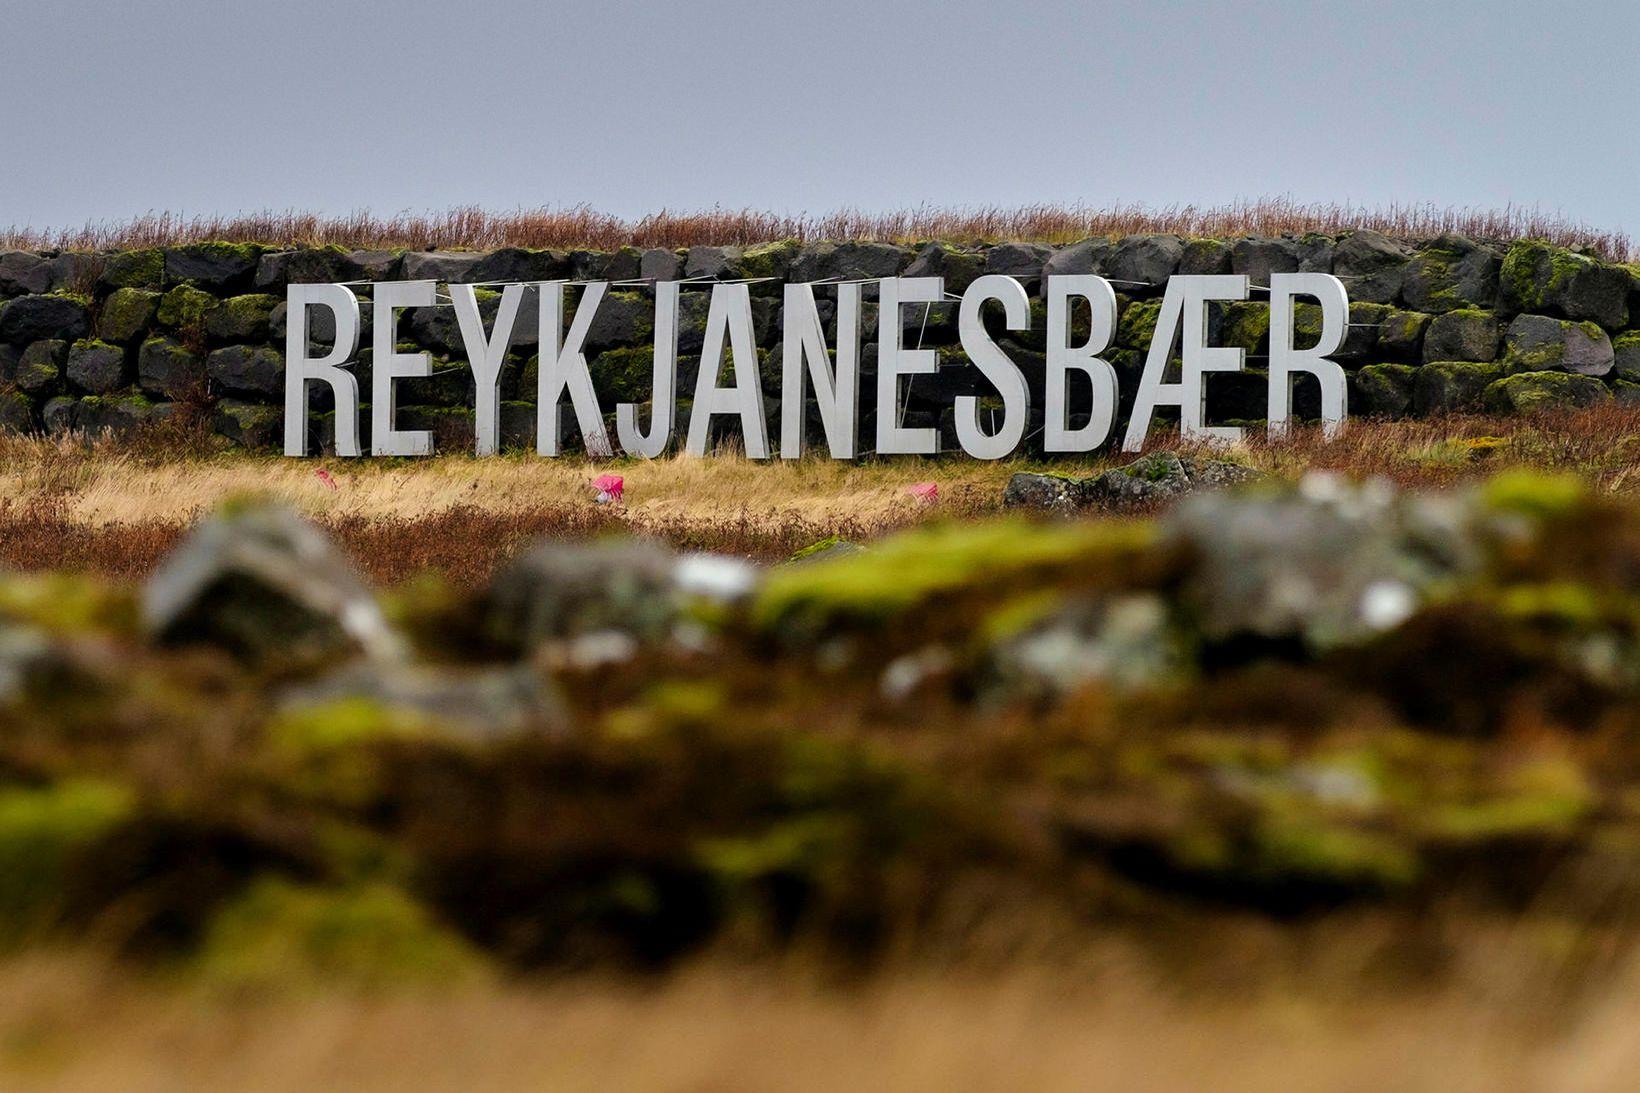 Þess er vænst að dragi úr atvinnuleysi í Reykjanesbæ með …